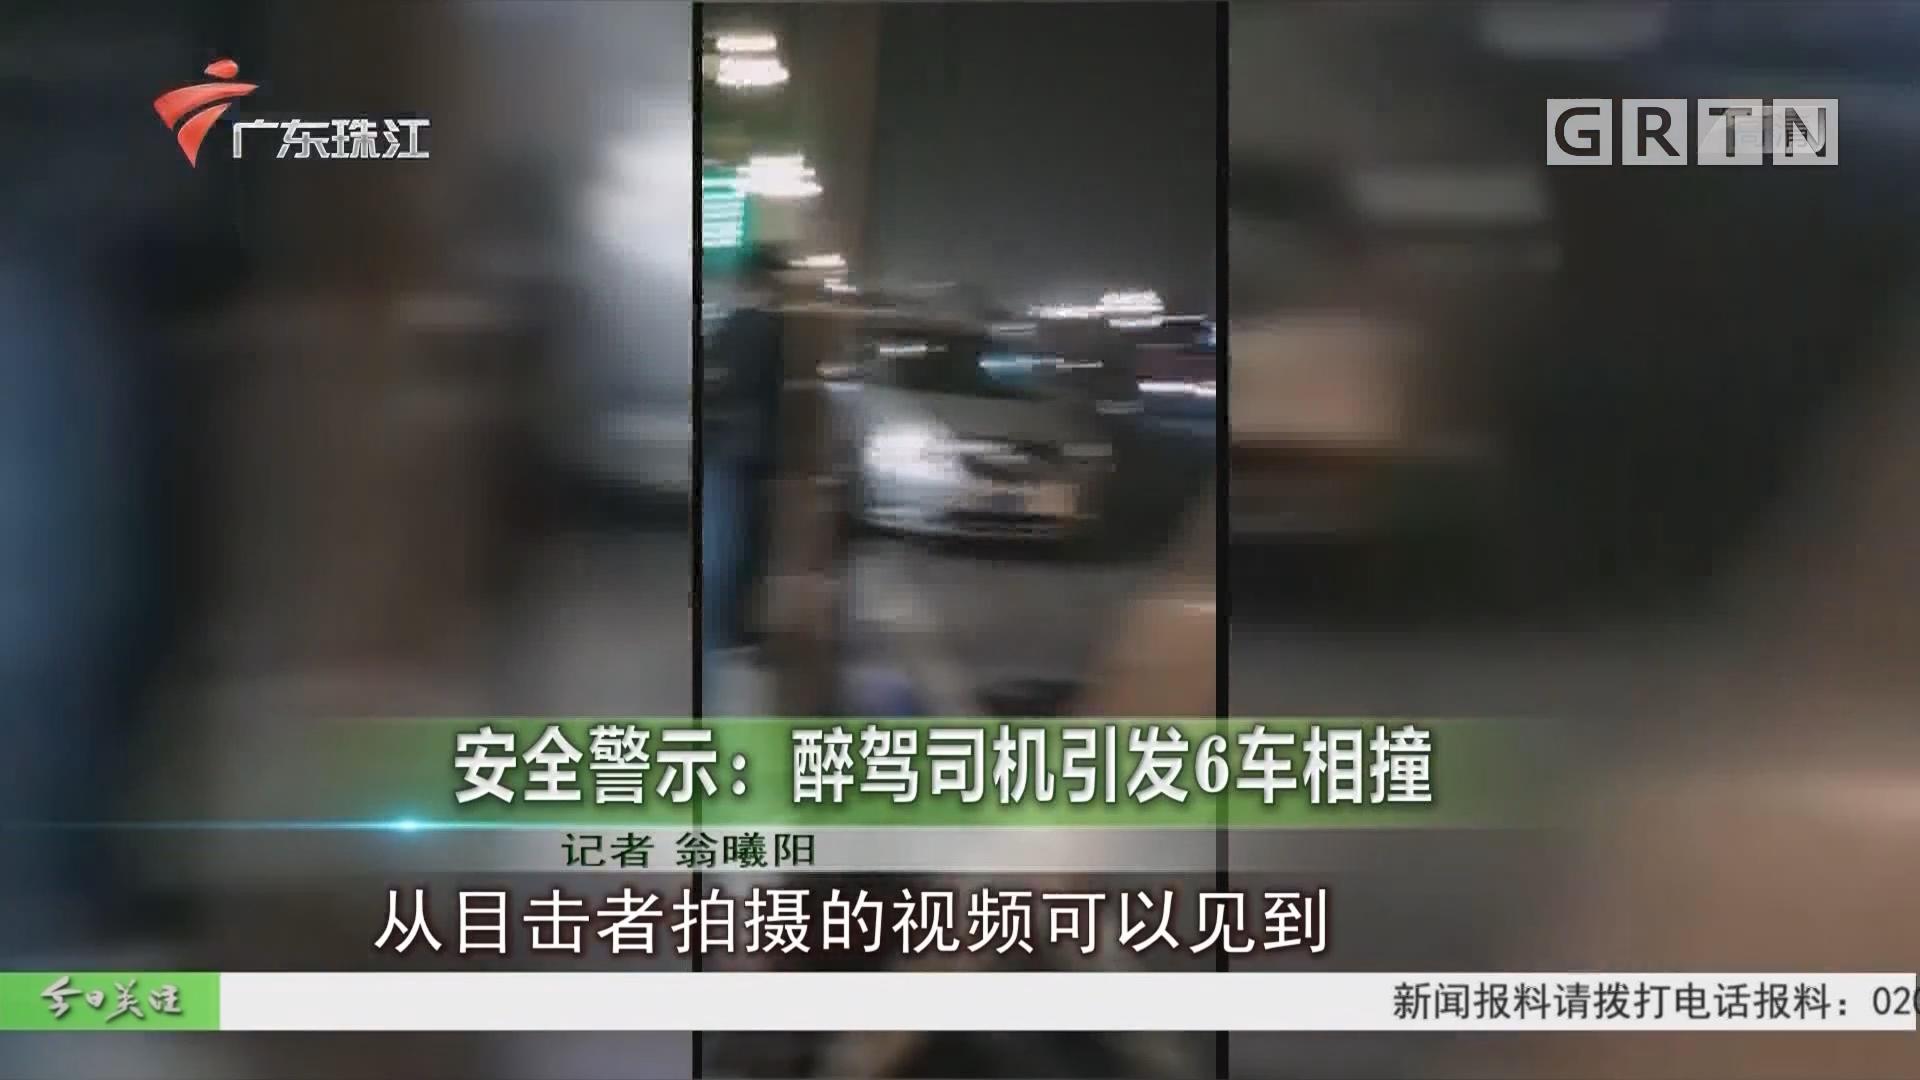 安全警示:醉驾司机引发6车相撞